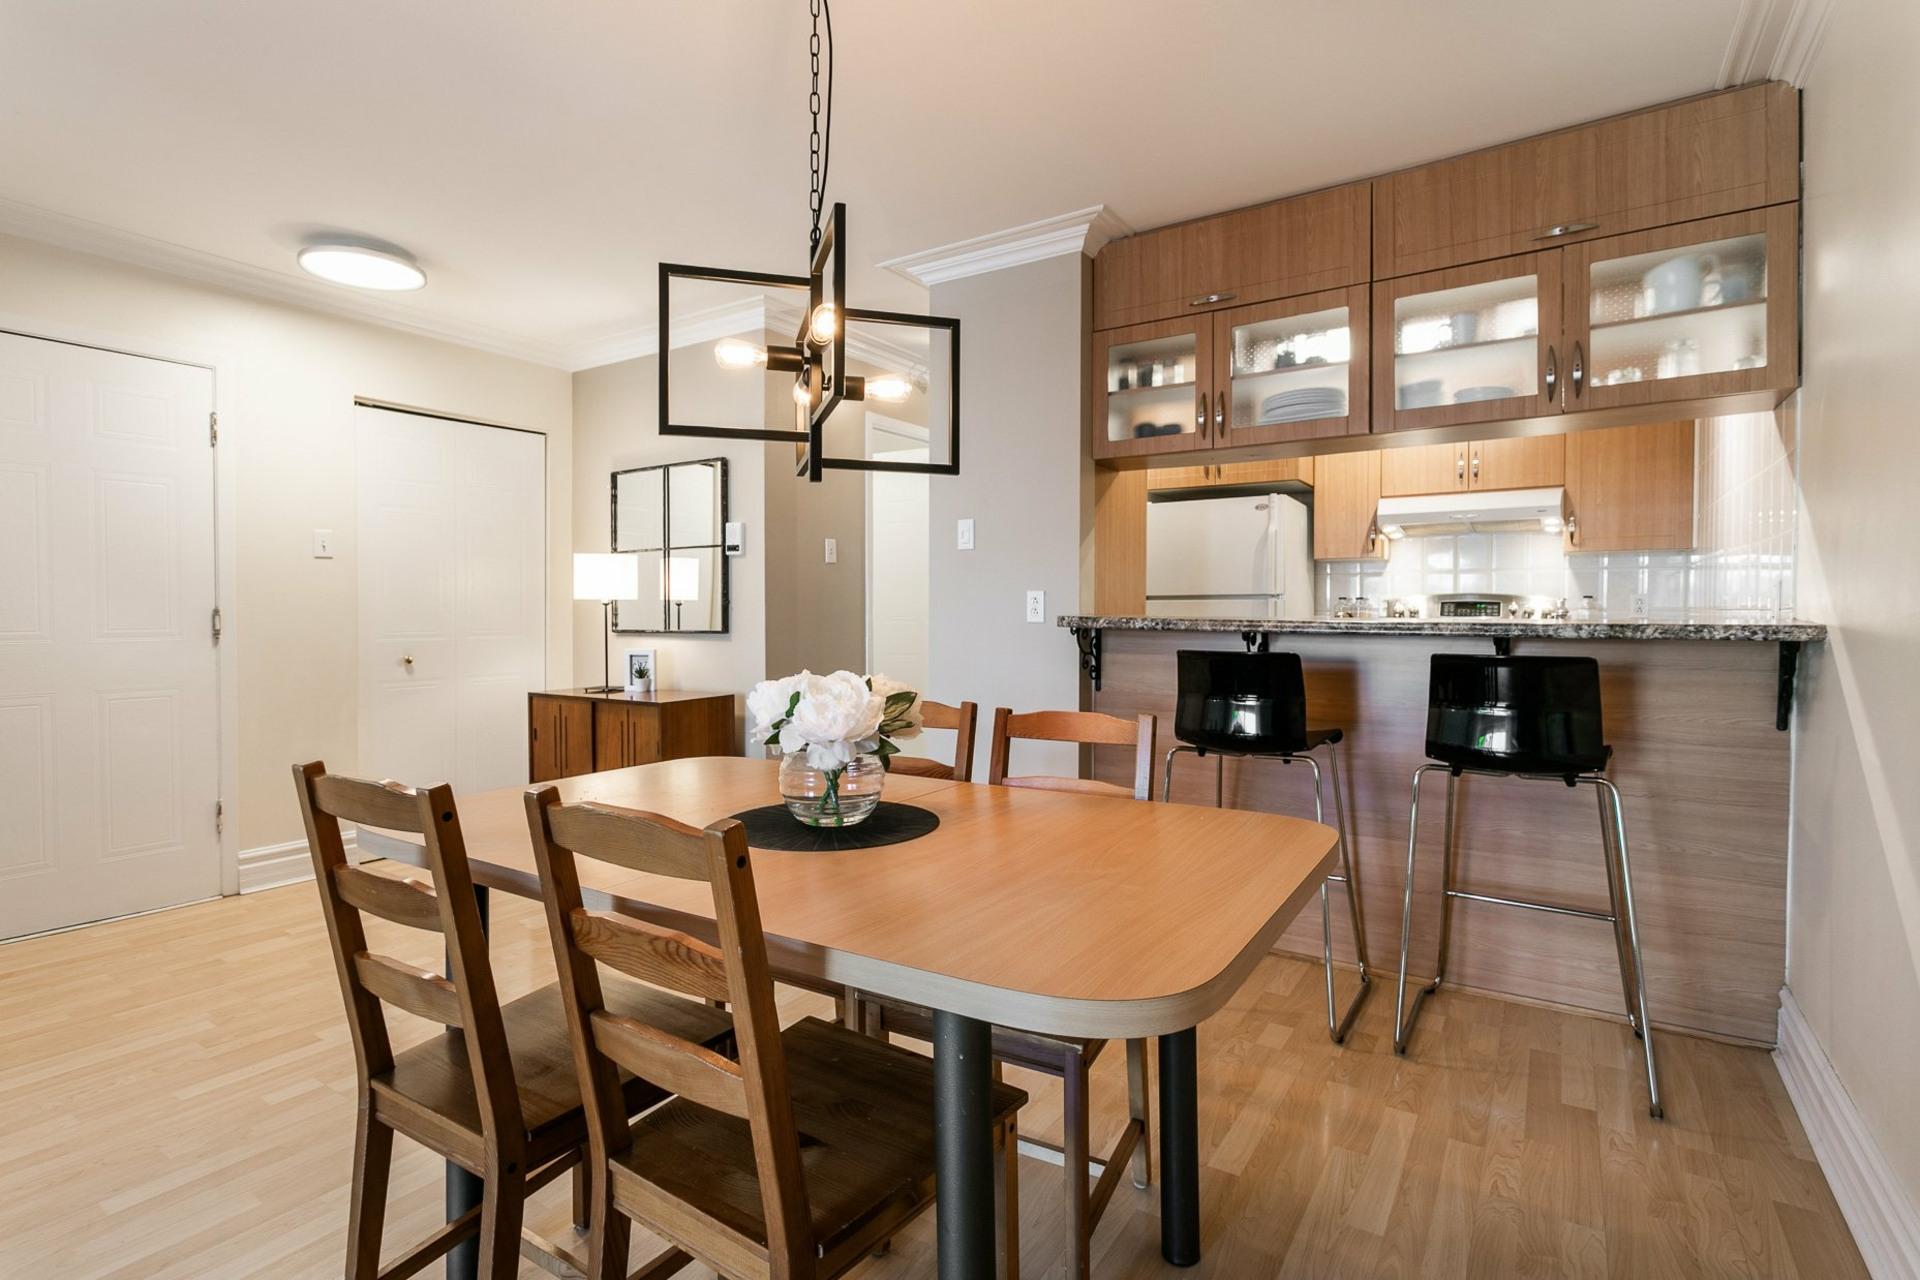 image 7 - Appartement À vendre Villeray/Saint-Michel/Parc-Extension Montréal  - 5 pièces